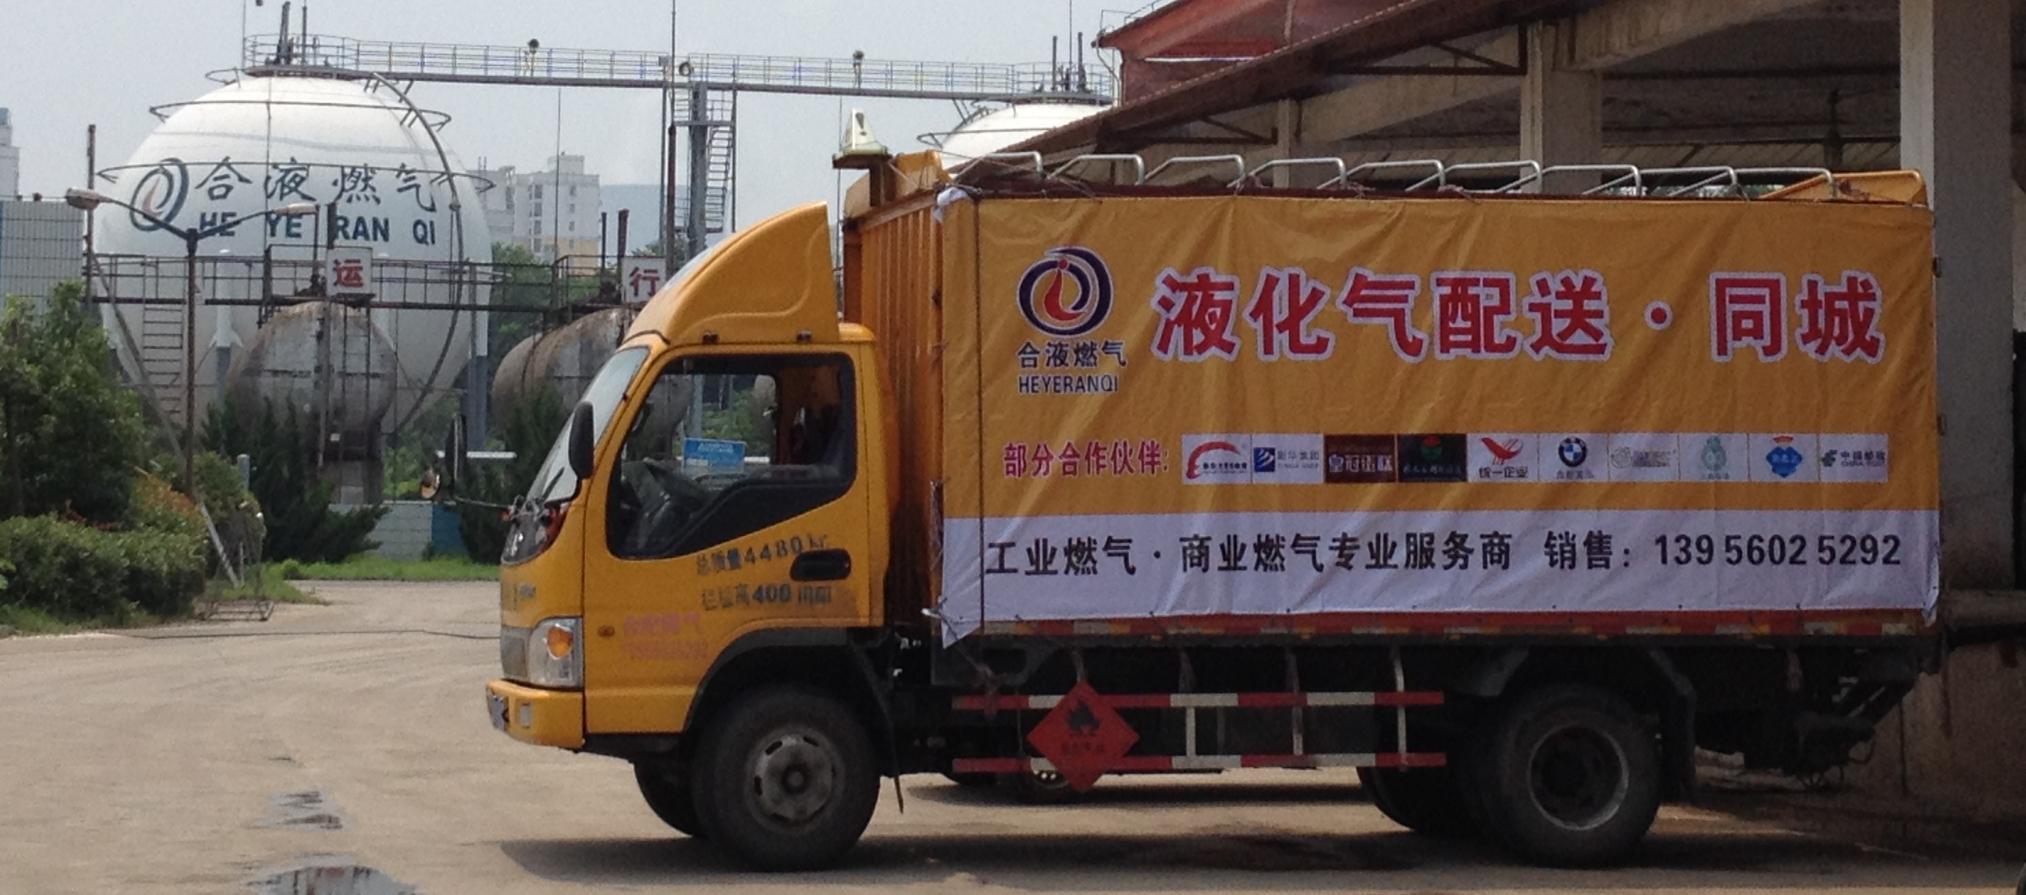 供应用于企业加工制造的合肥市液化气配送车队 液化气,合肥市液化气配送,合肥市液化气价格